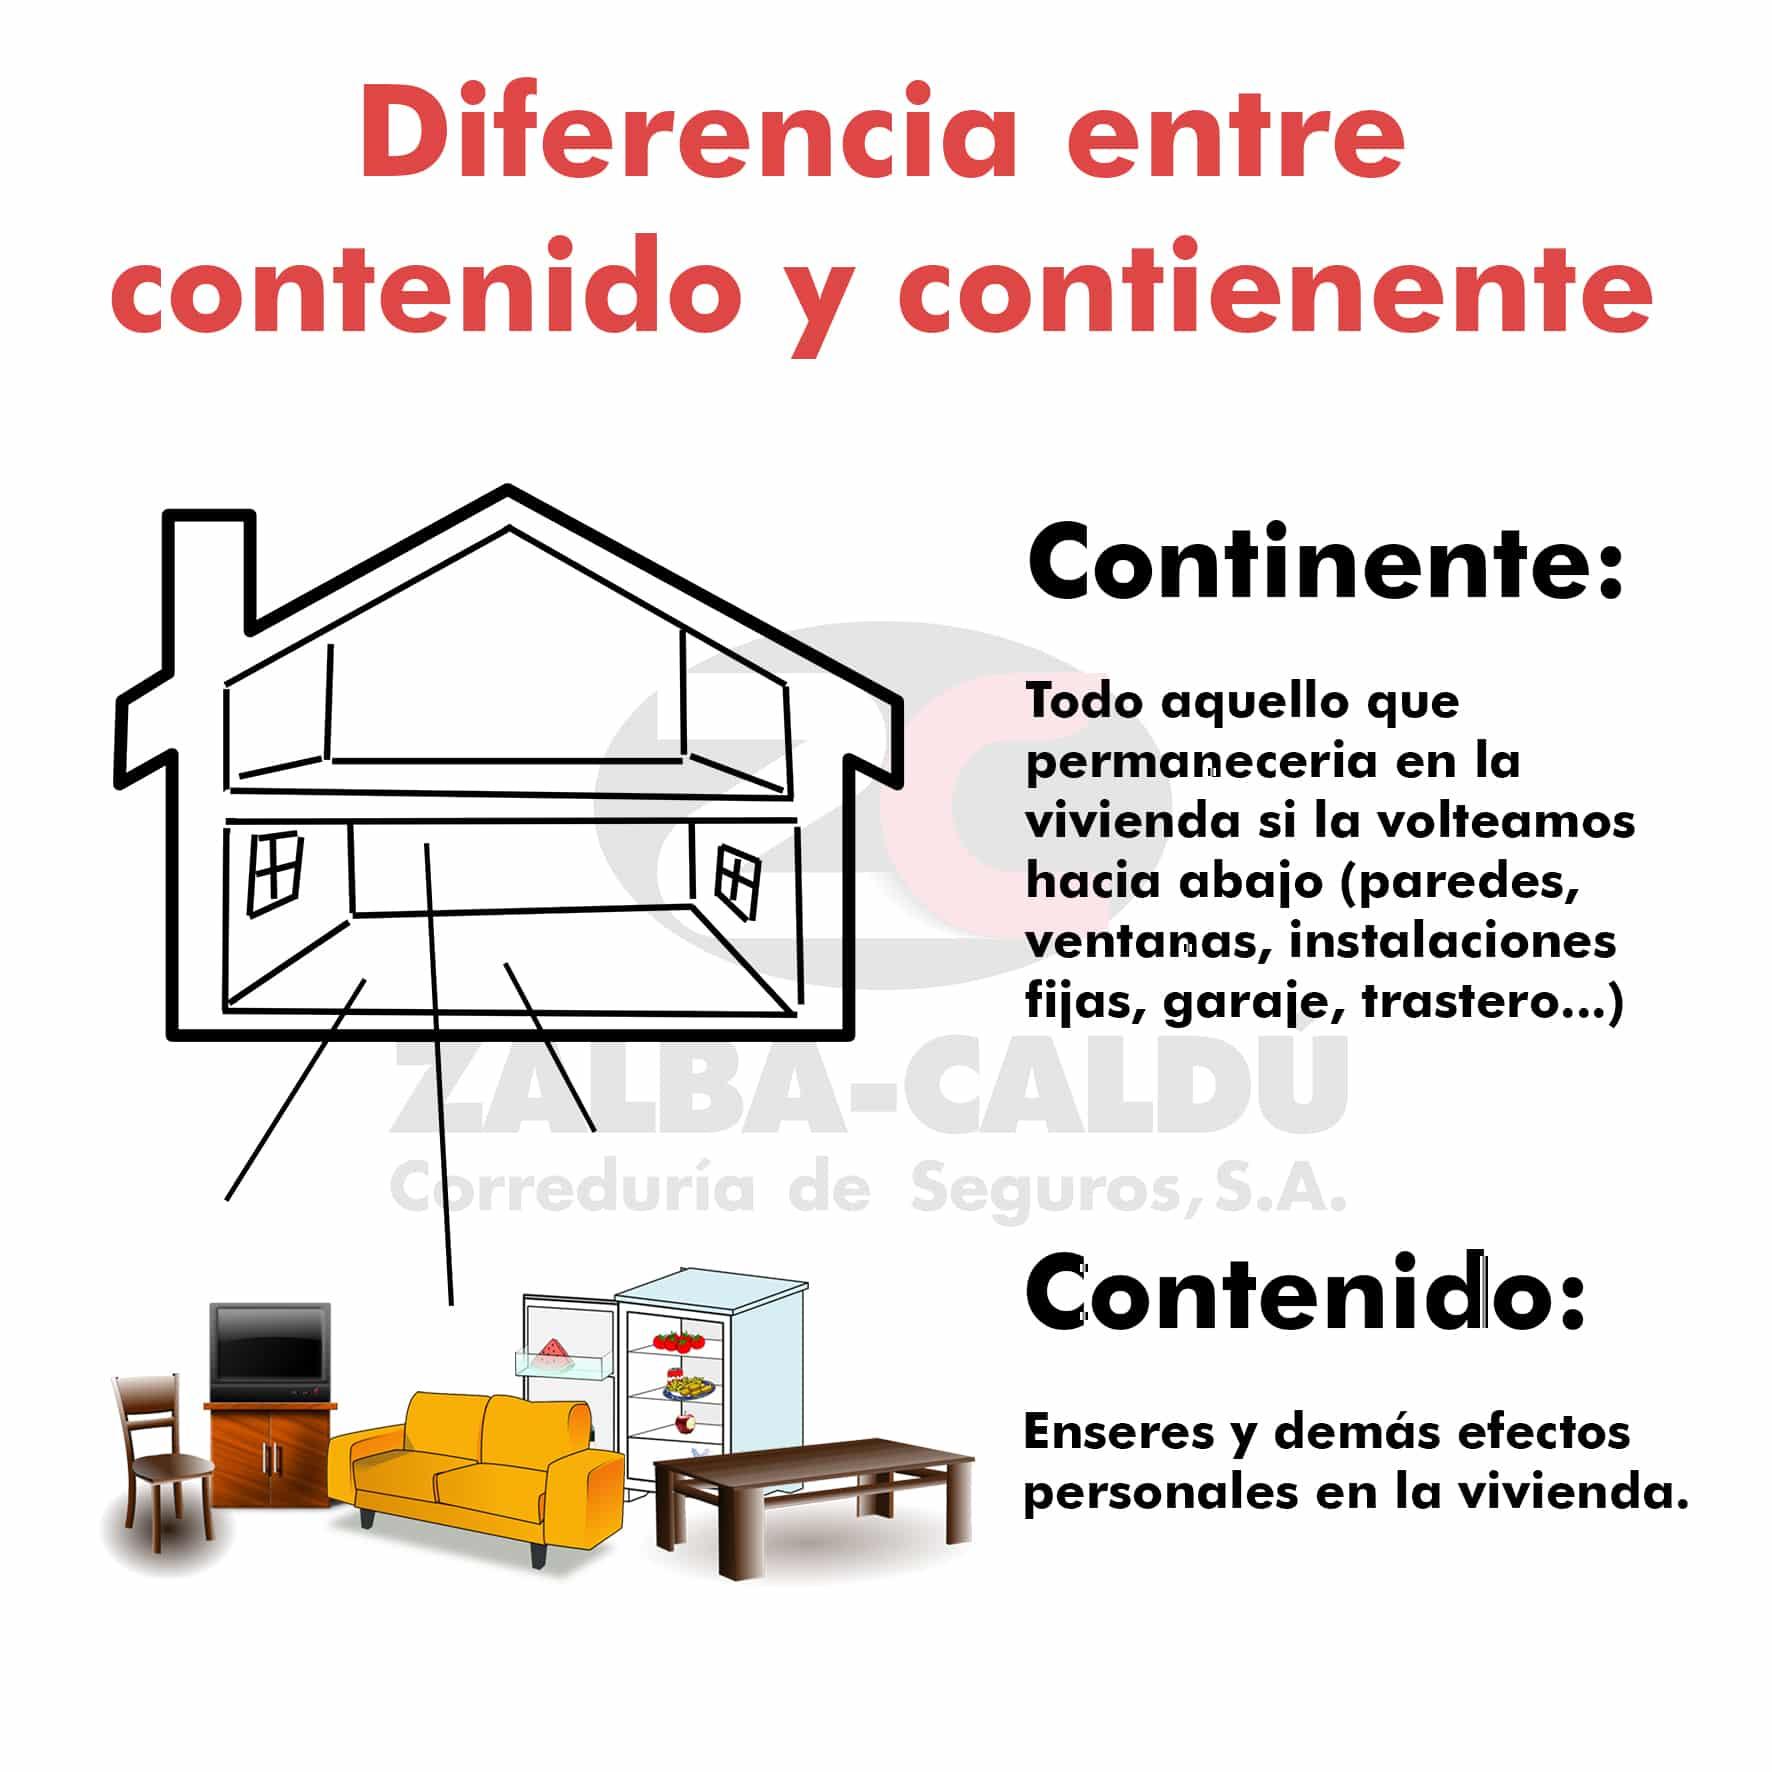 Diferencia entre continente y contenido